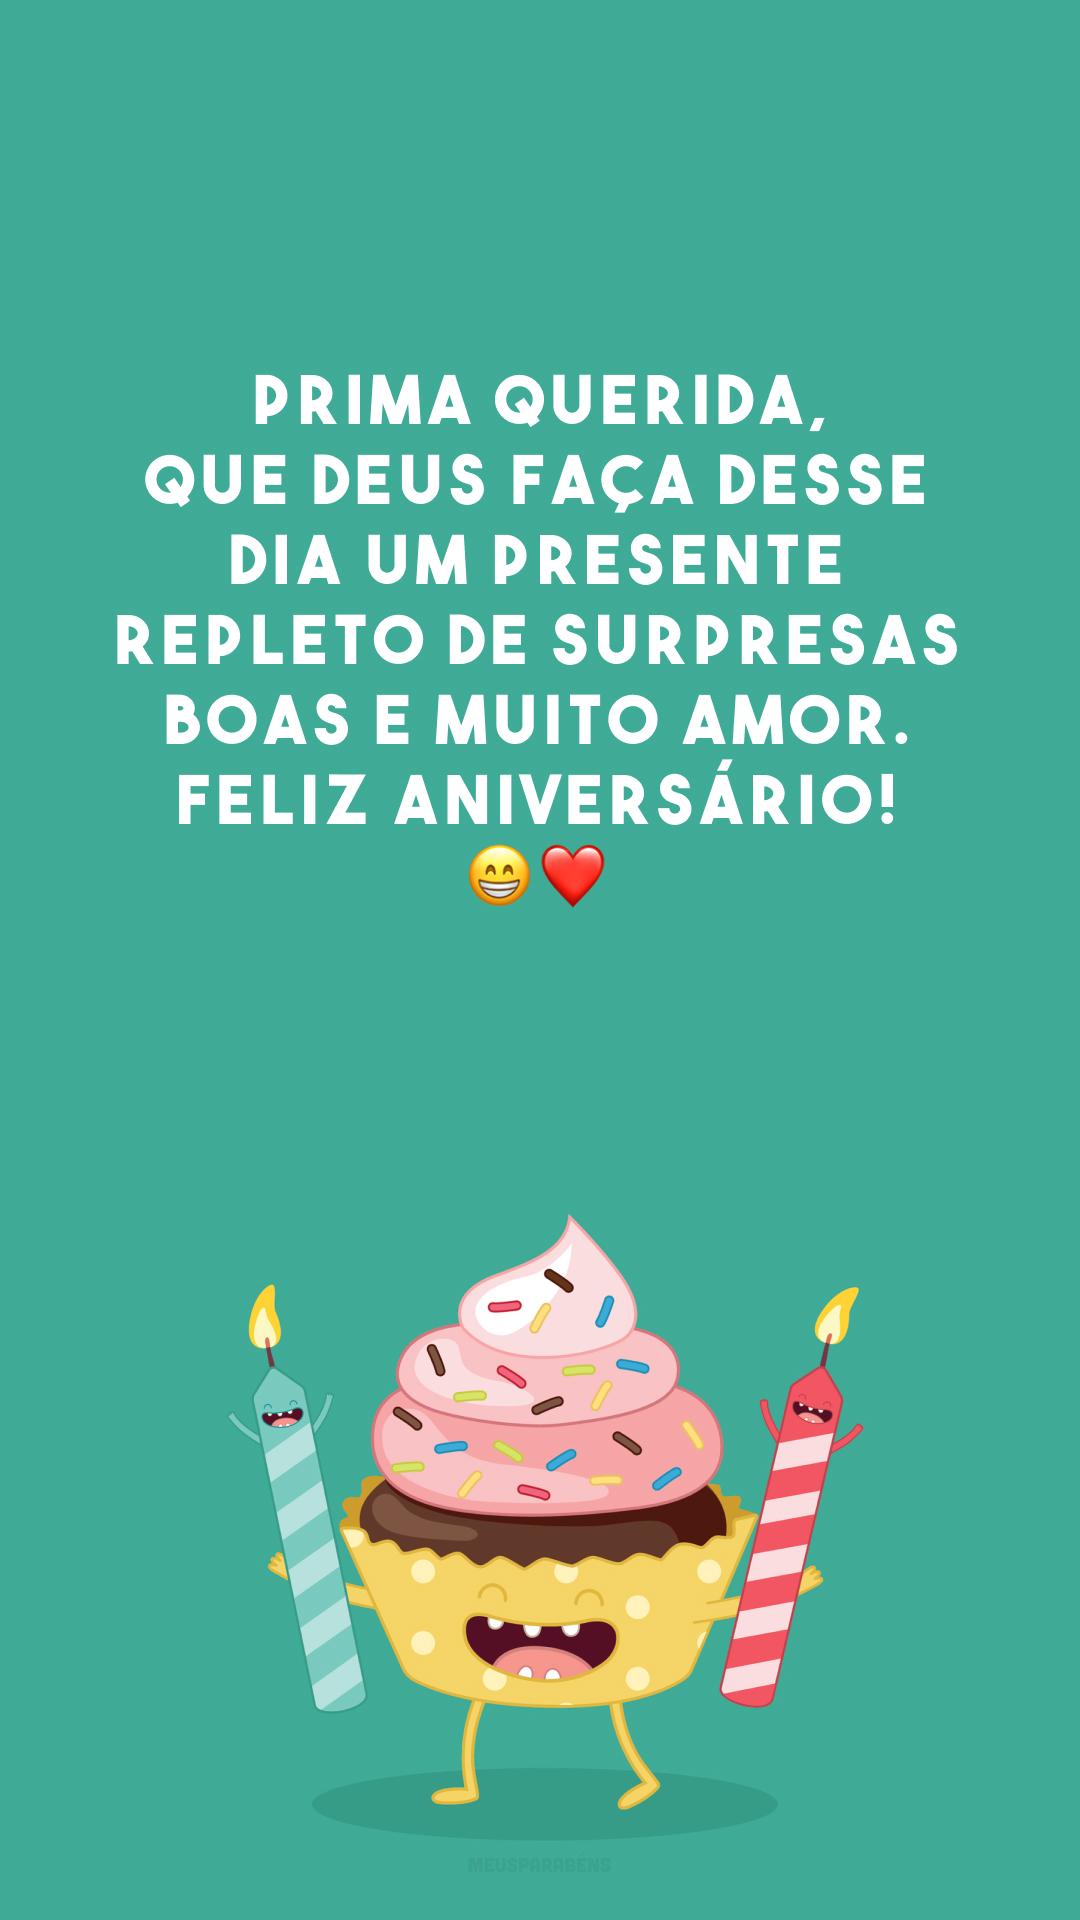 Prima querida, que Deus faça desse dia um presente repleto de surpresas boas e muito amor. Feliz aniversário! 😁❤️